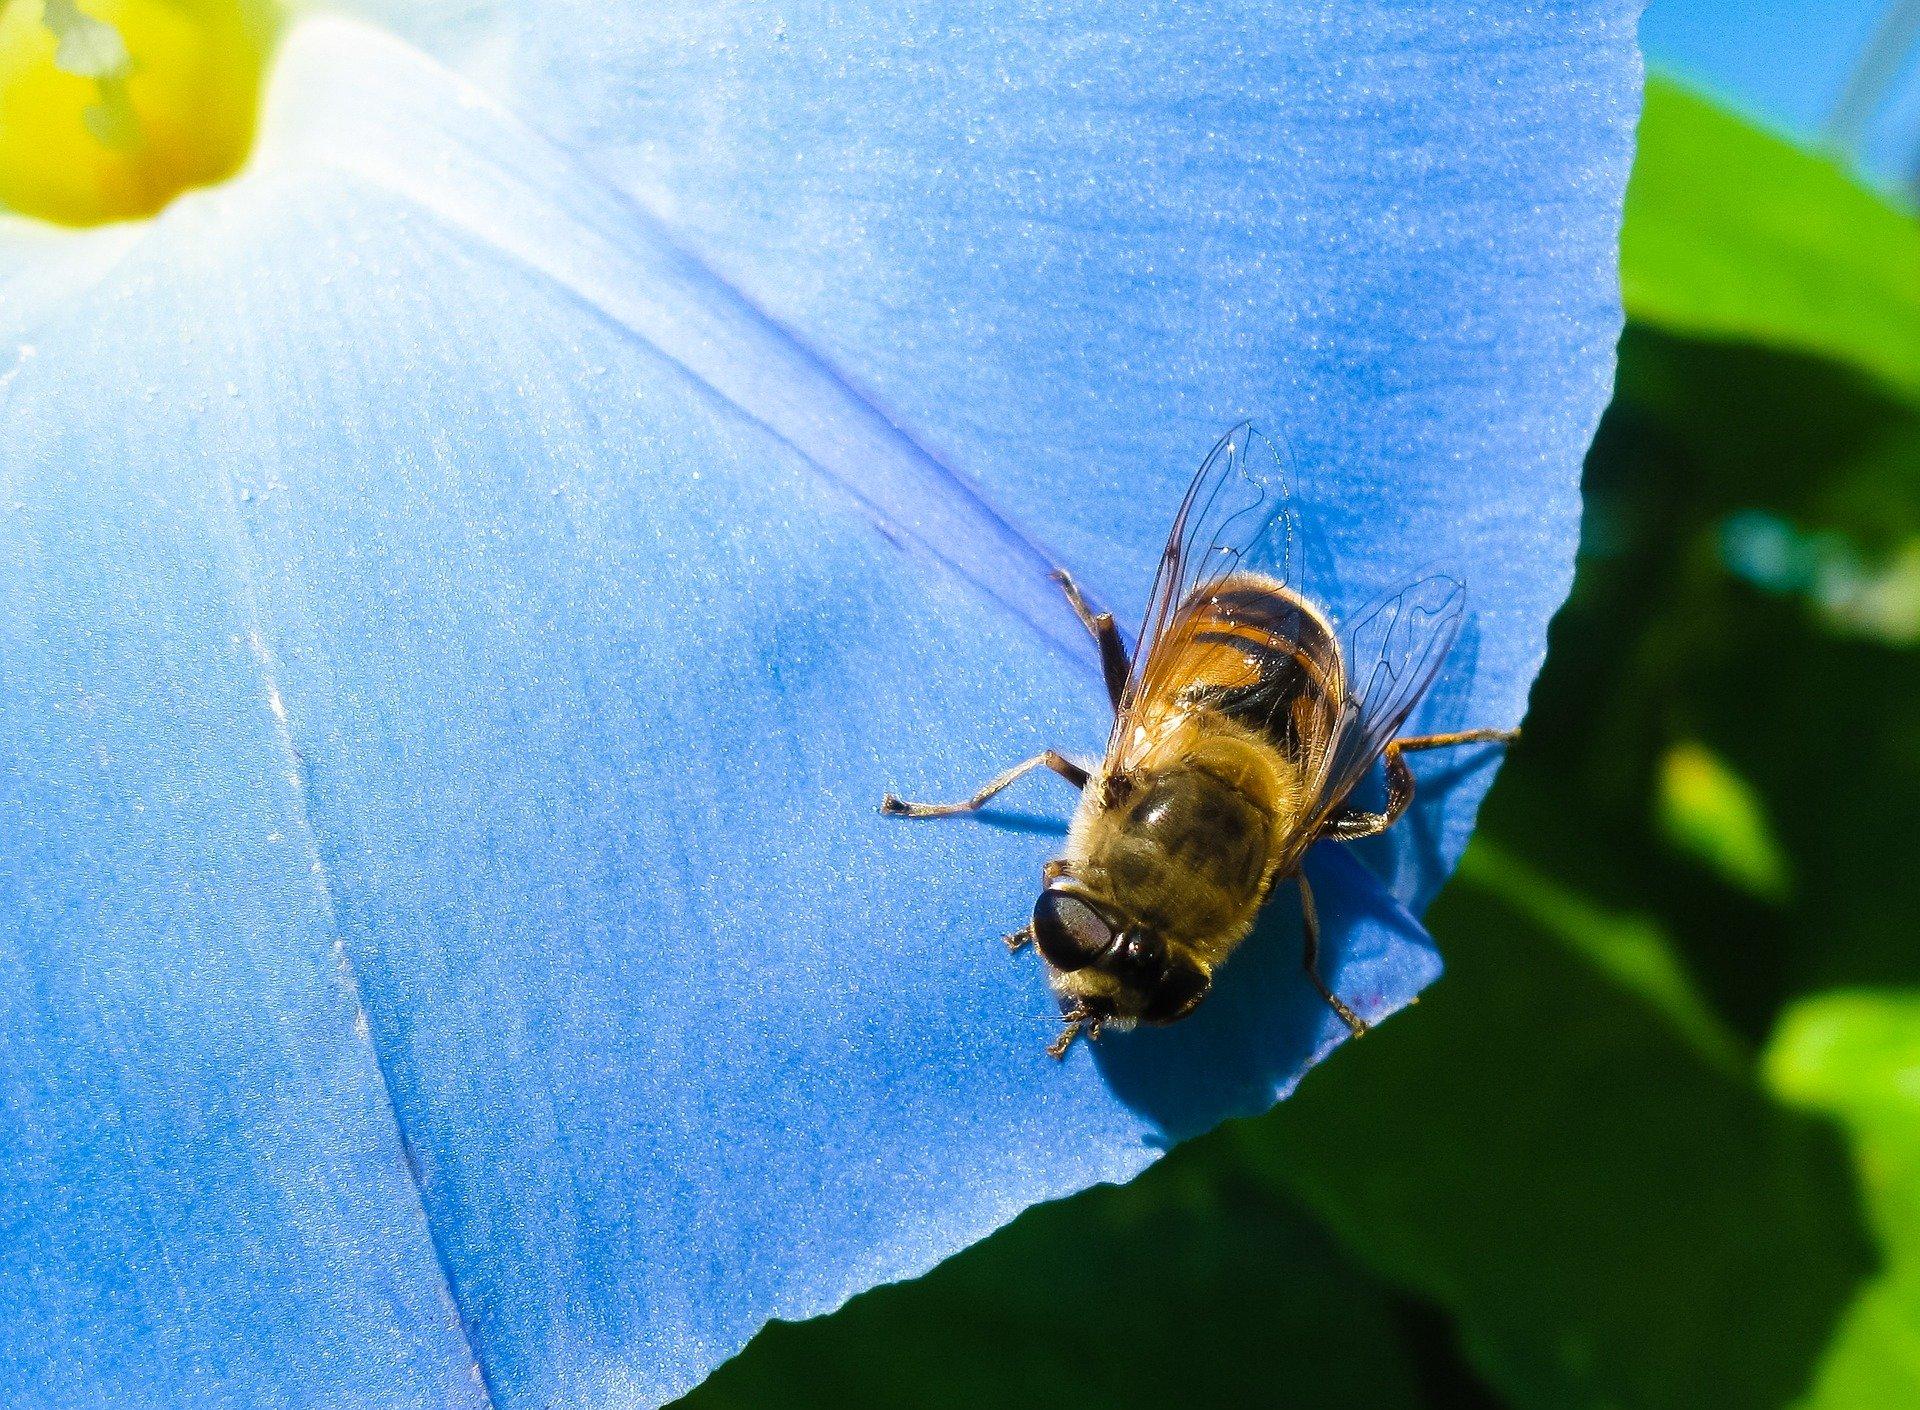 蜜蜂, 花, 昆虫, 眼睛, 地面层 - 高清壁纸 - 教授-falken.com